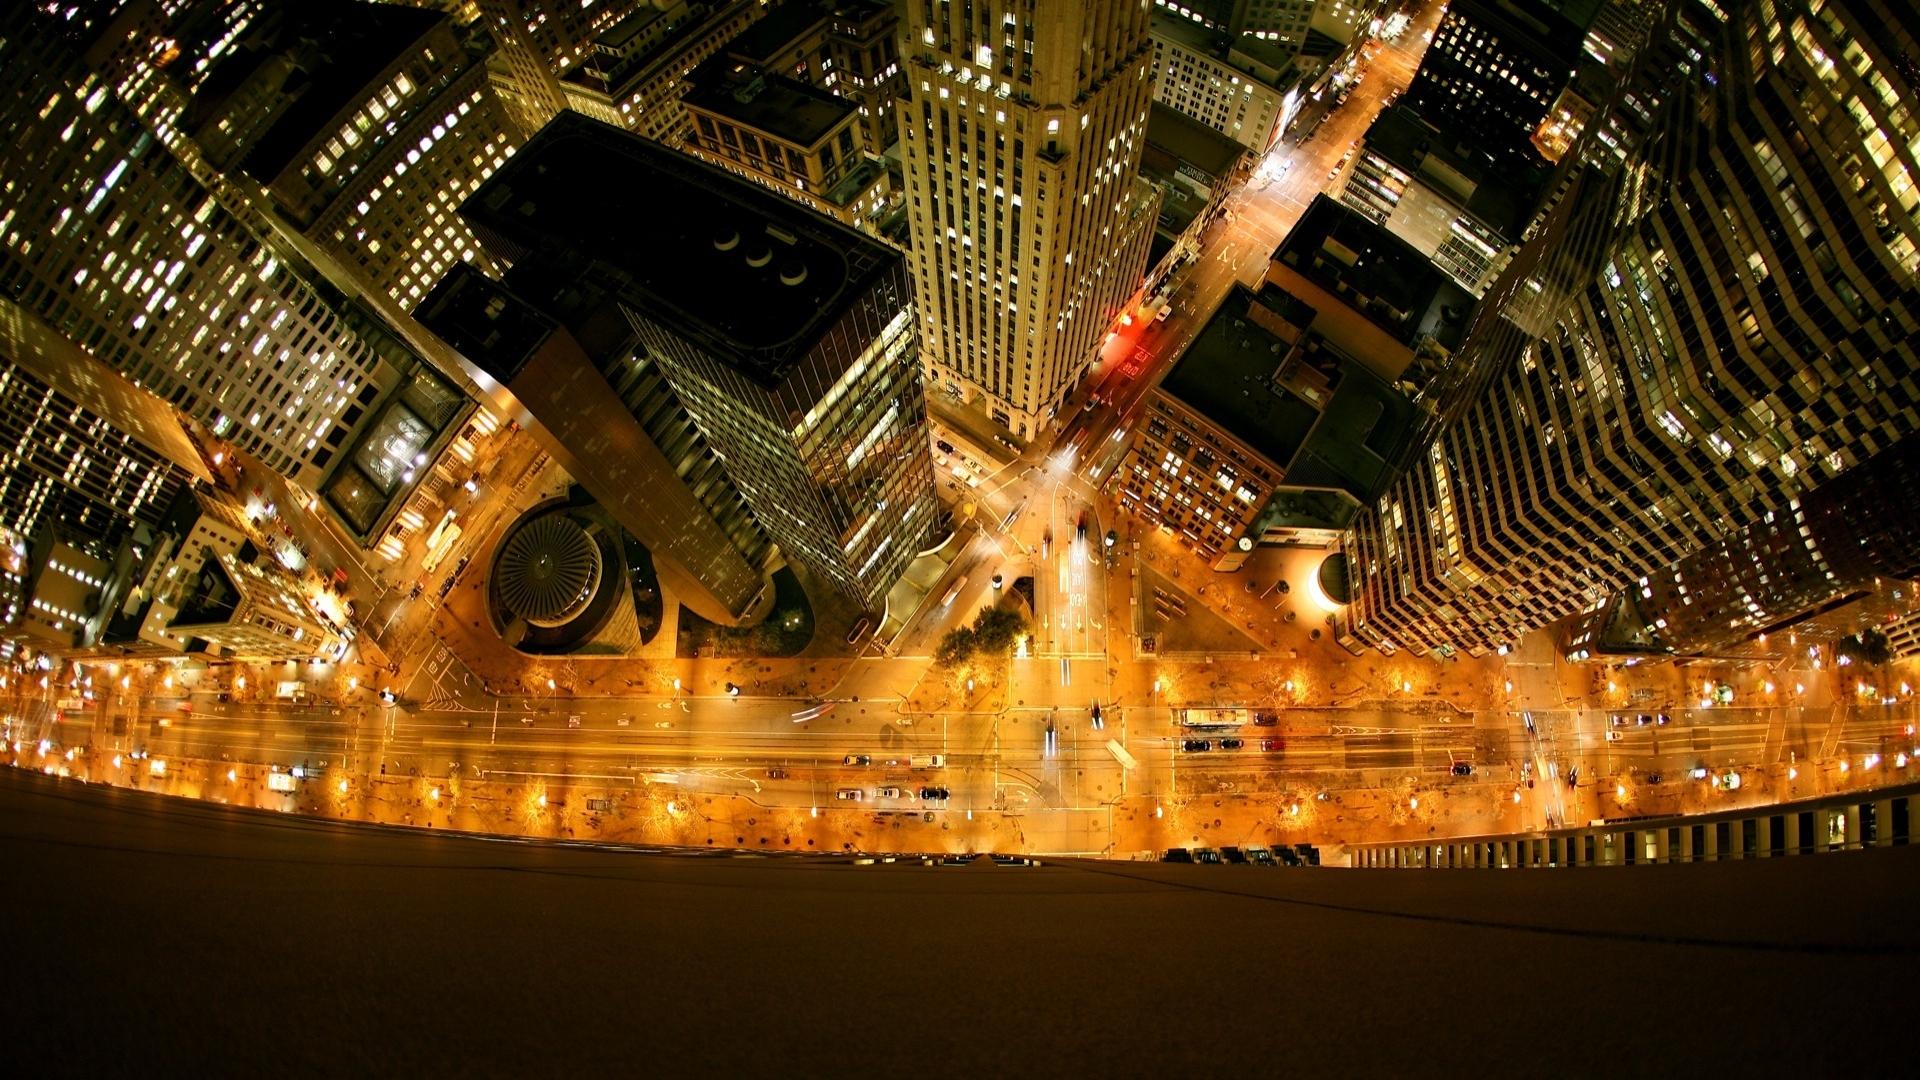 city lights background 24320 1920x1080px